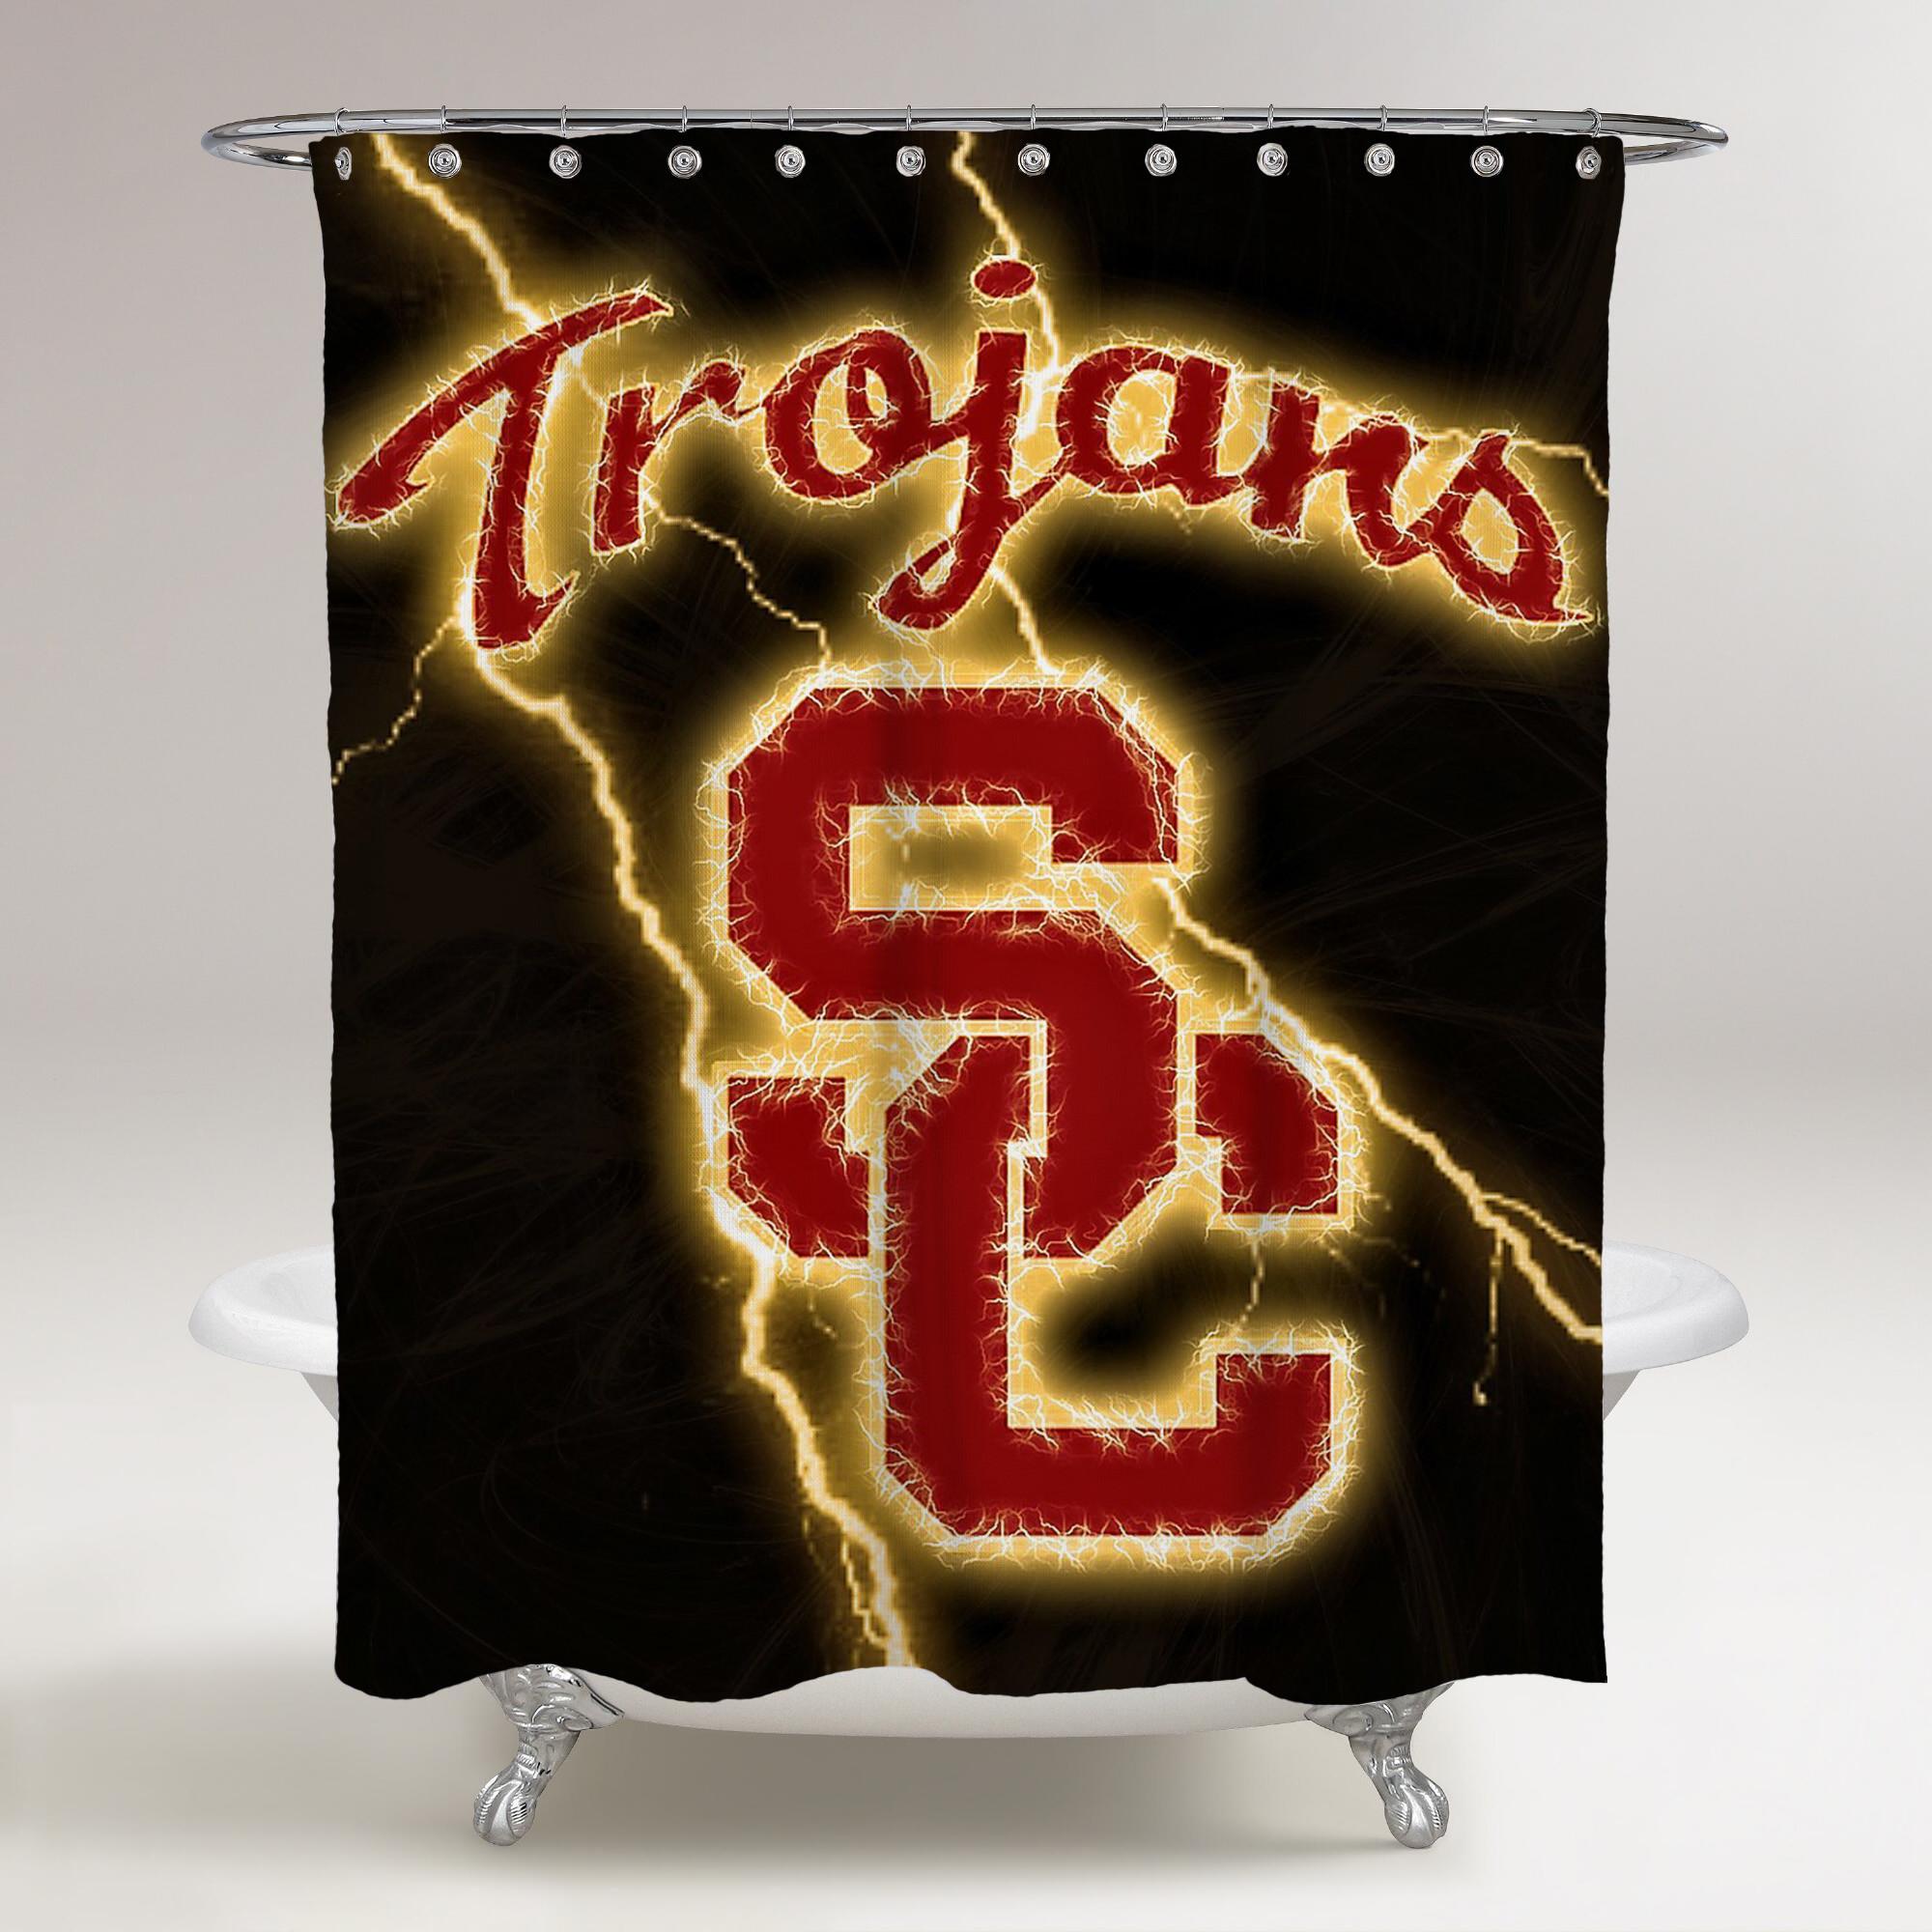 Res: 2000x2000, ... USC TROJANS LOGO WALLPAPER THUNDER LIGHTING BACKGROUND BATHROOM